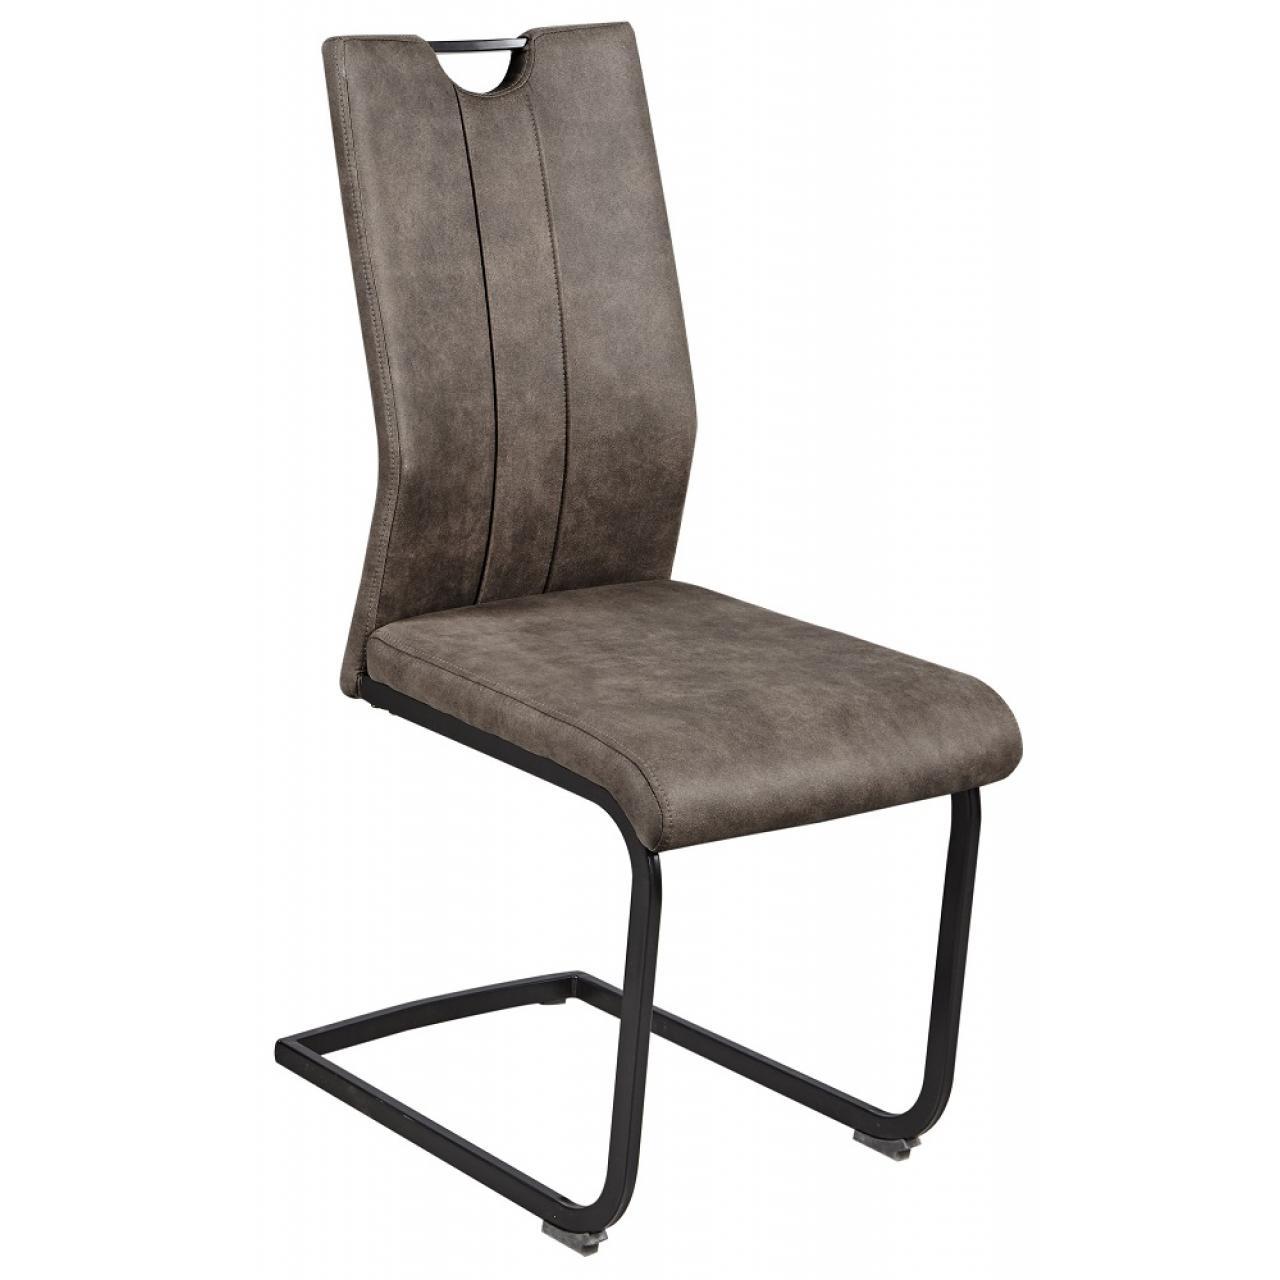 Schwingstuhl Melina mit graubraunen Polyesterbezug und schwarzen Metallgestell